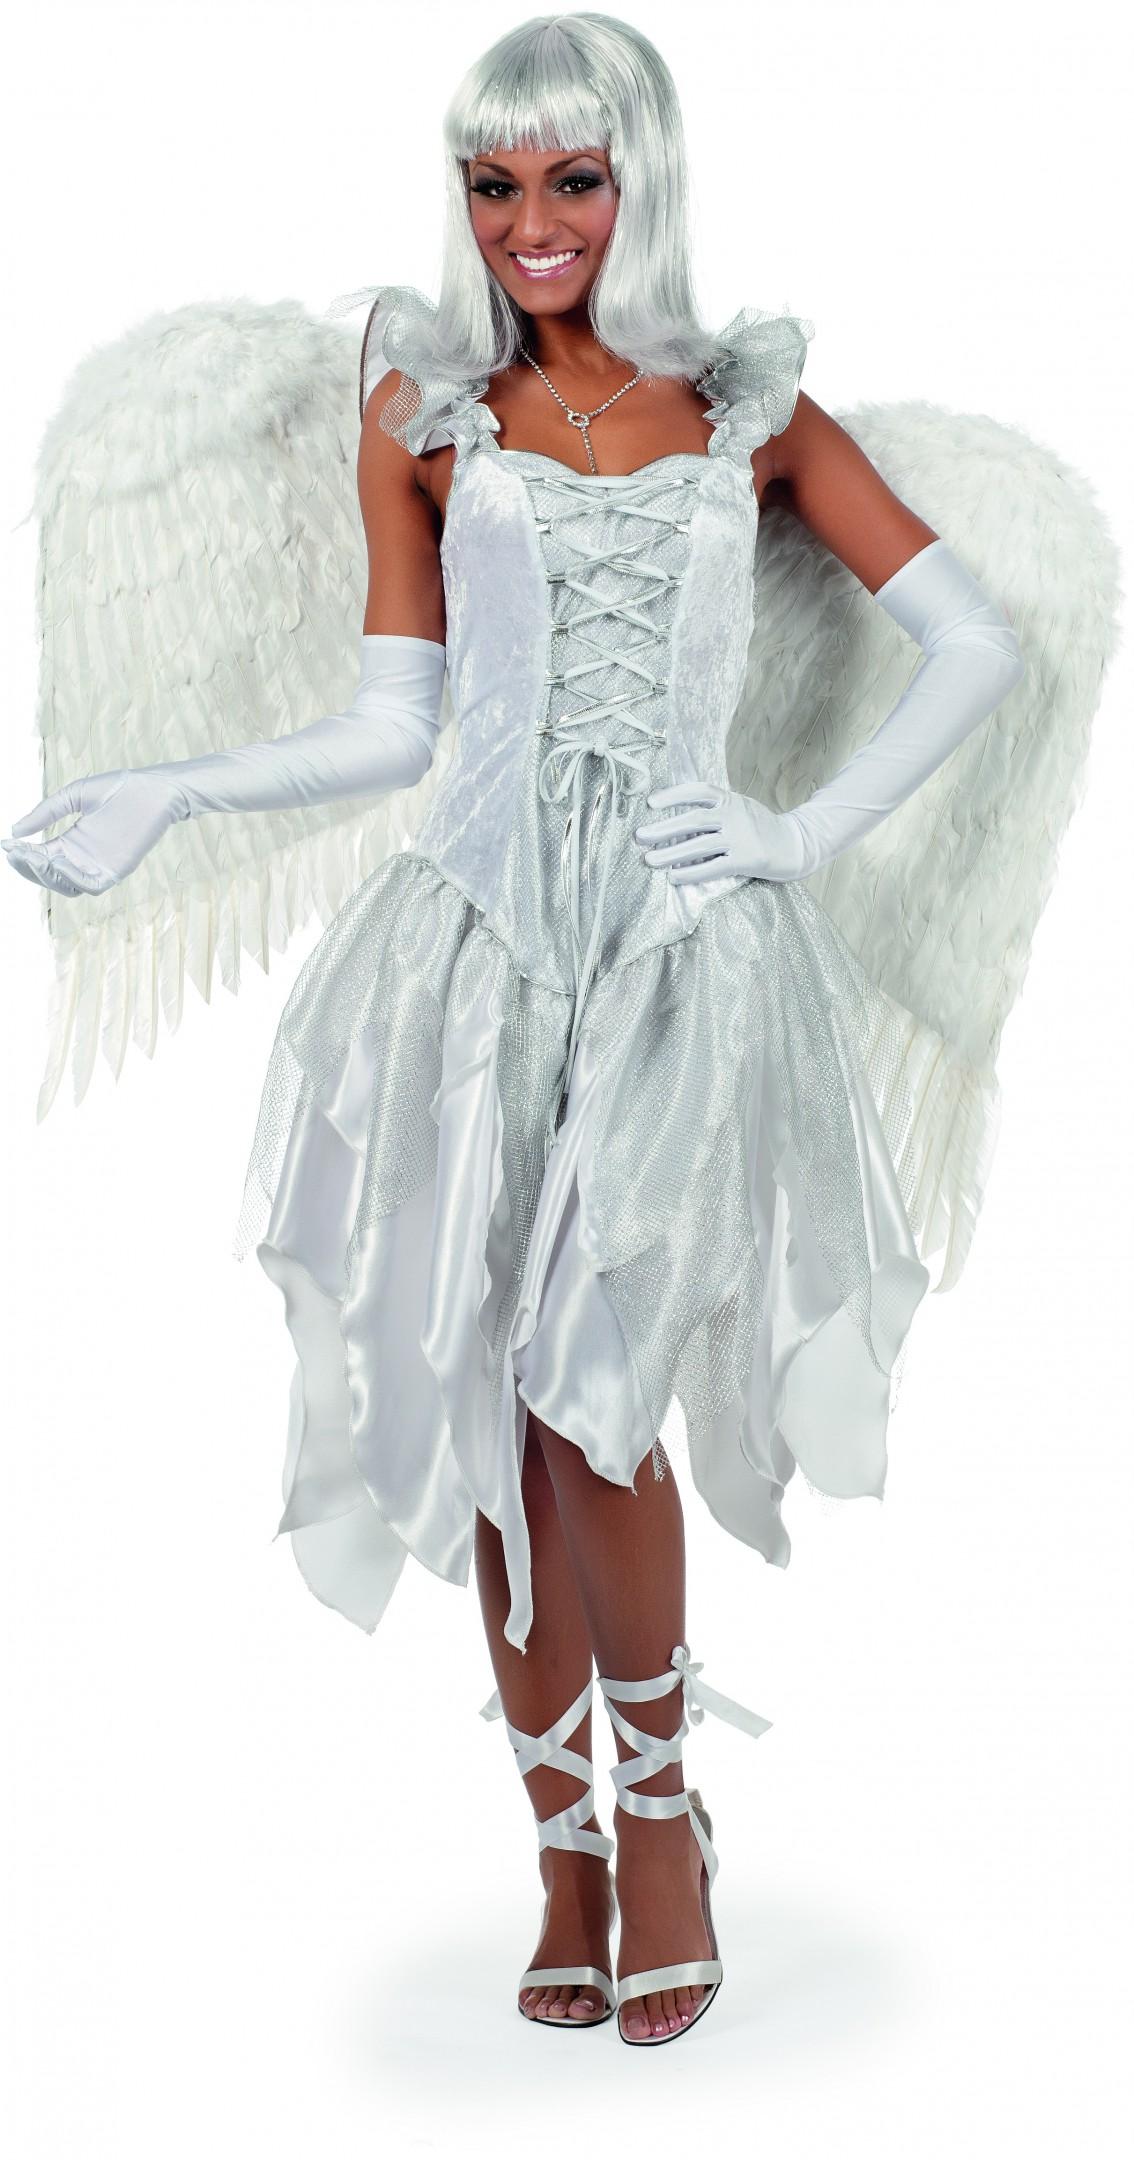 Engelachtig jurkje zonder vleugels-0